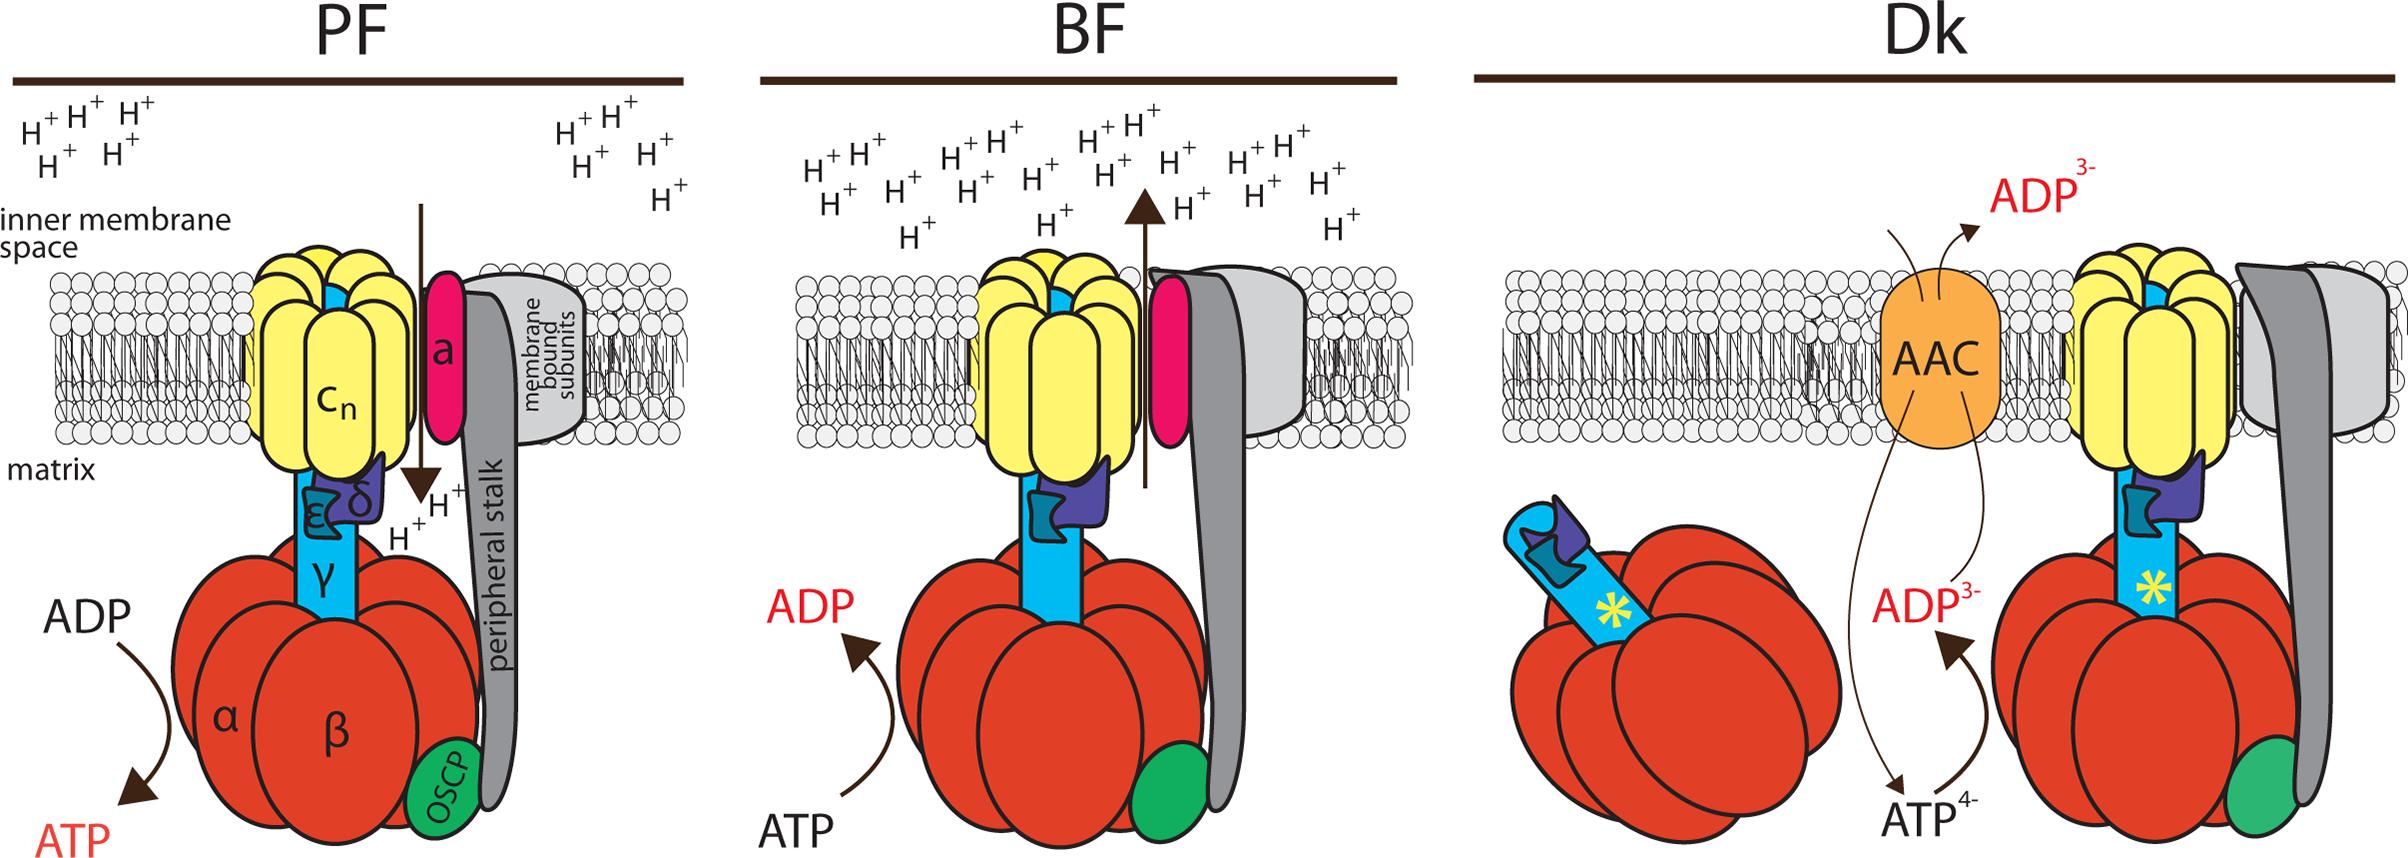 Schematic representation of the F<sub>o</sub>F<sub>1</sub>-ATP synthase/ATPase complex in trypanosome mitochondria.